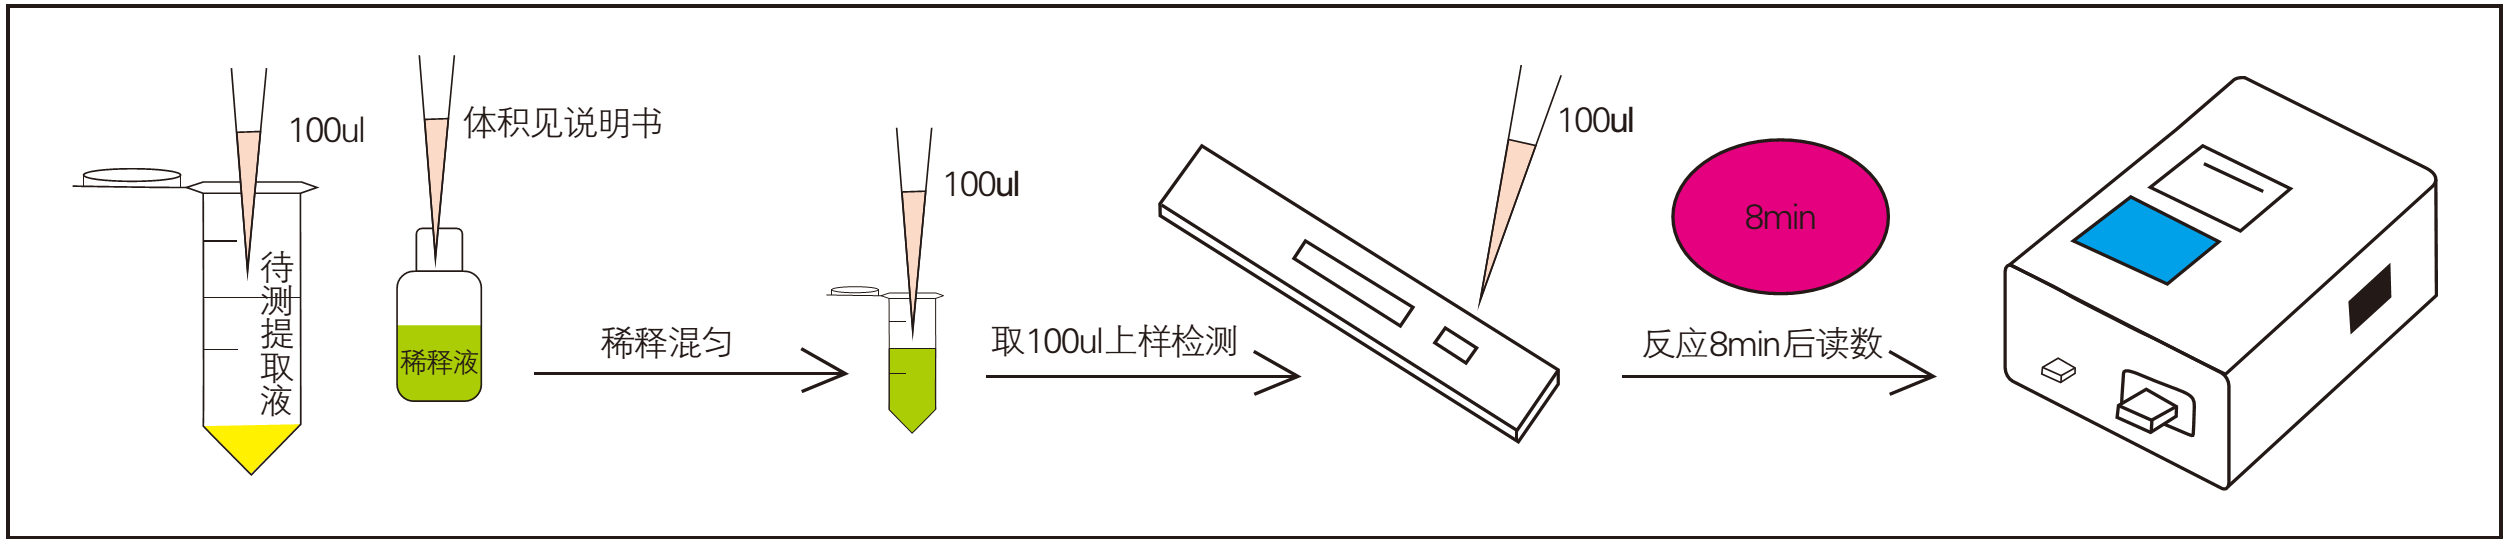 饲料霉菌毒素检测样品检测过程